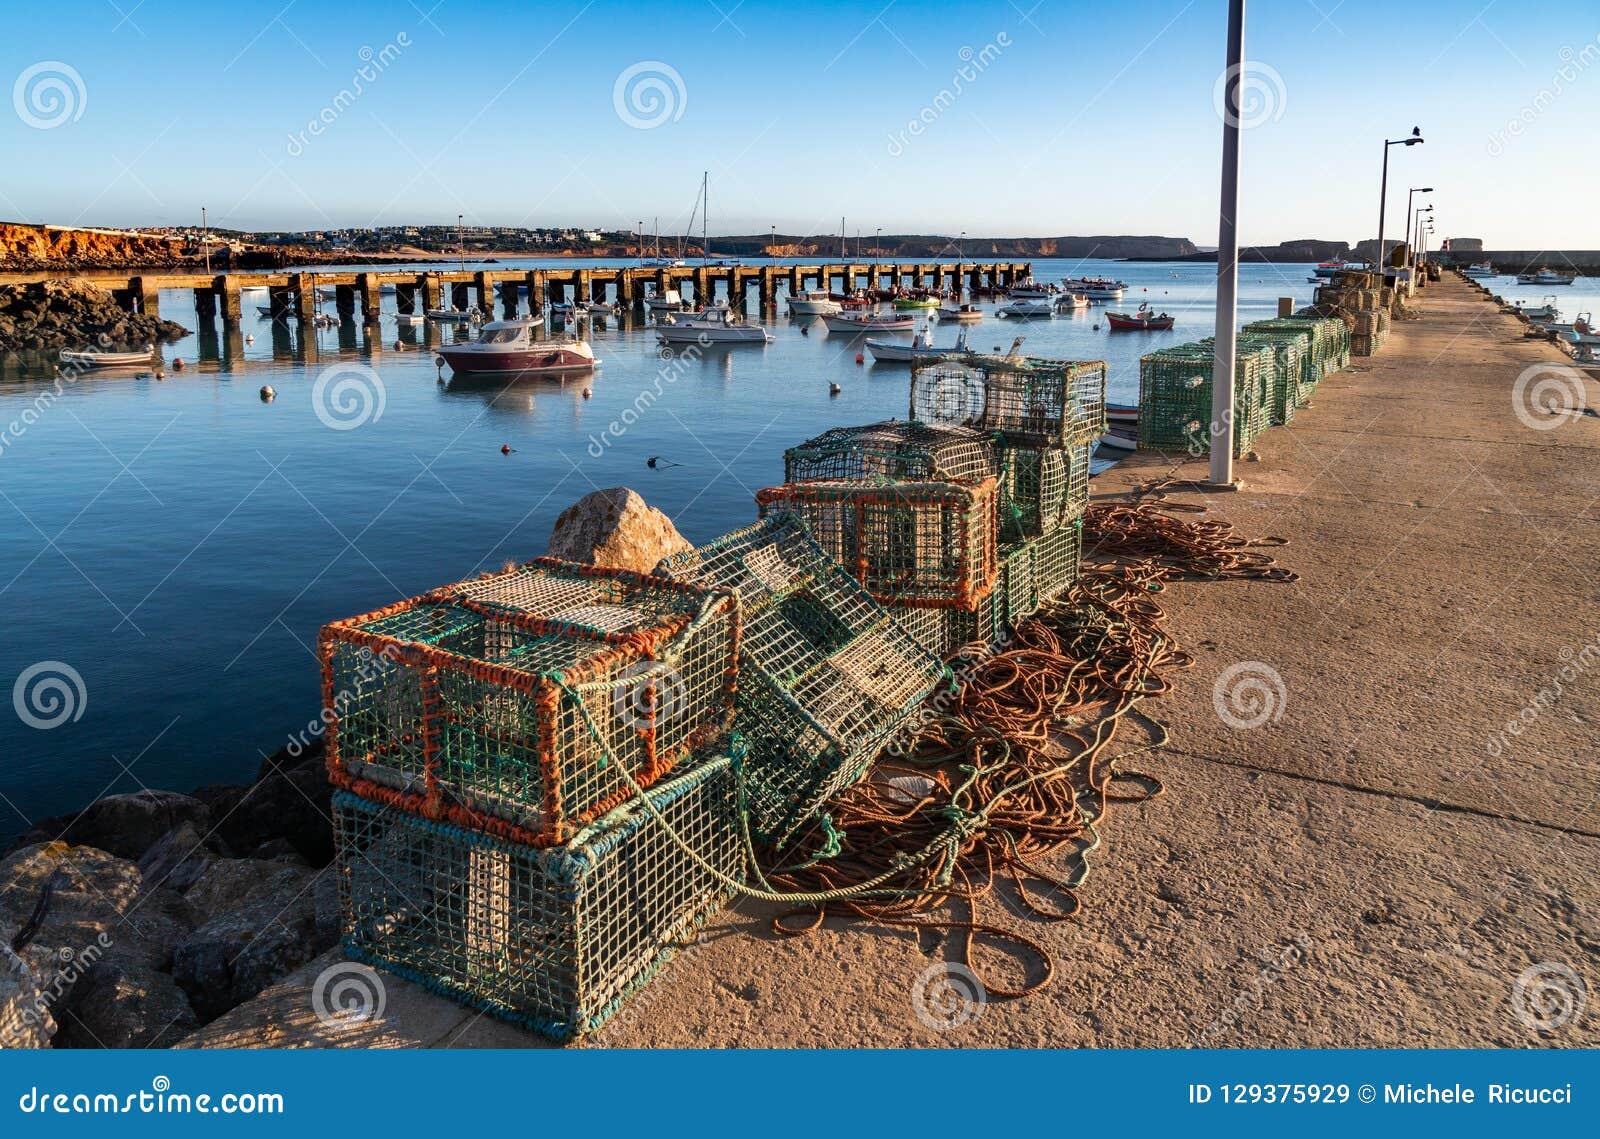 Δίχτυ του ψαρέματος ψαράδων στις αποβάθρες